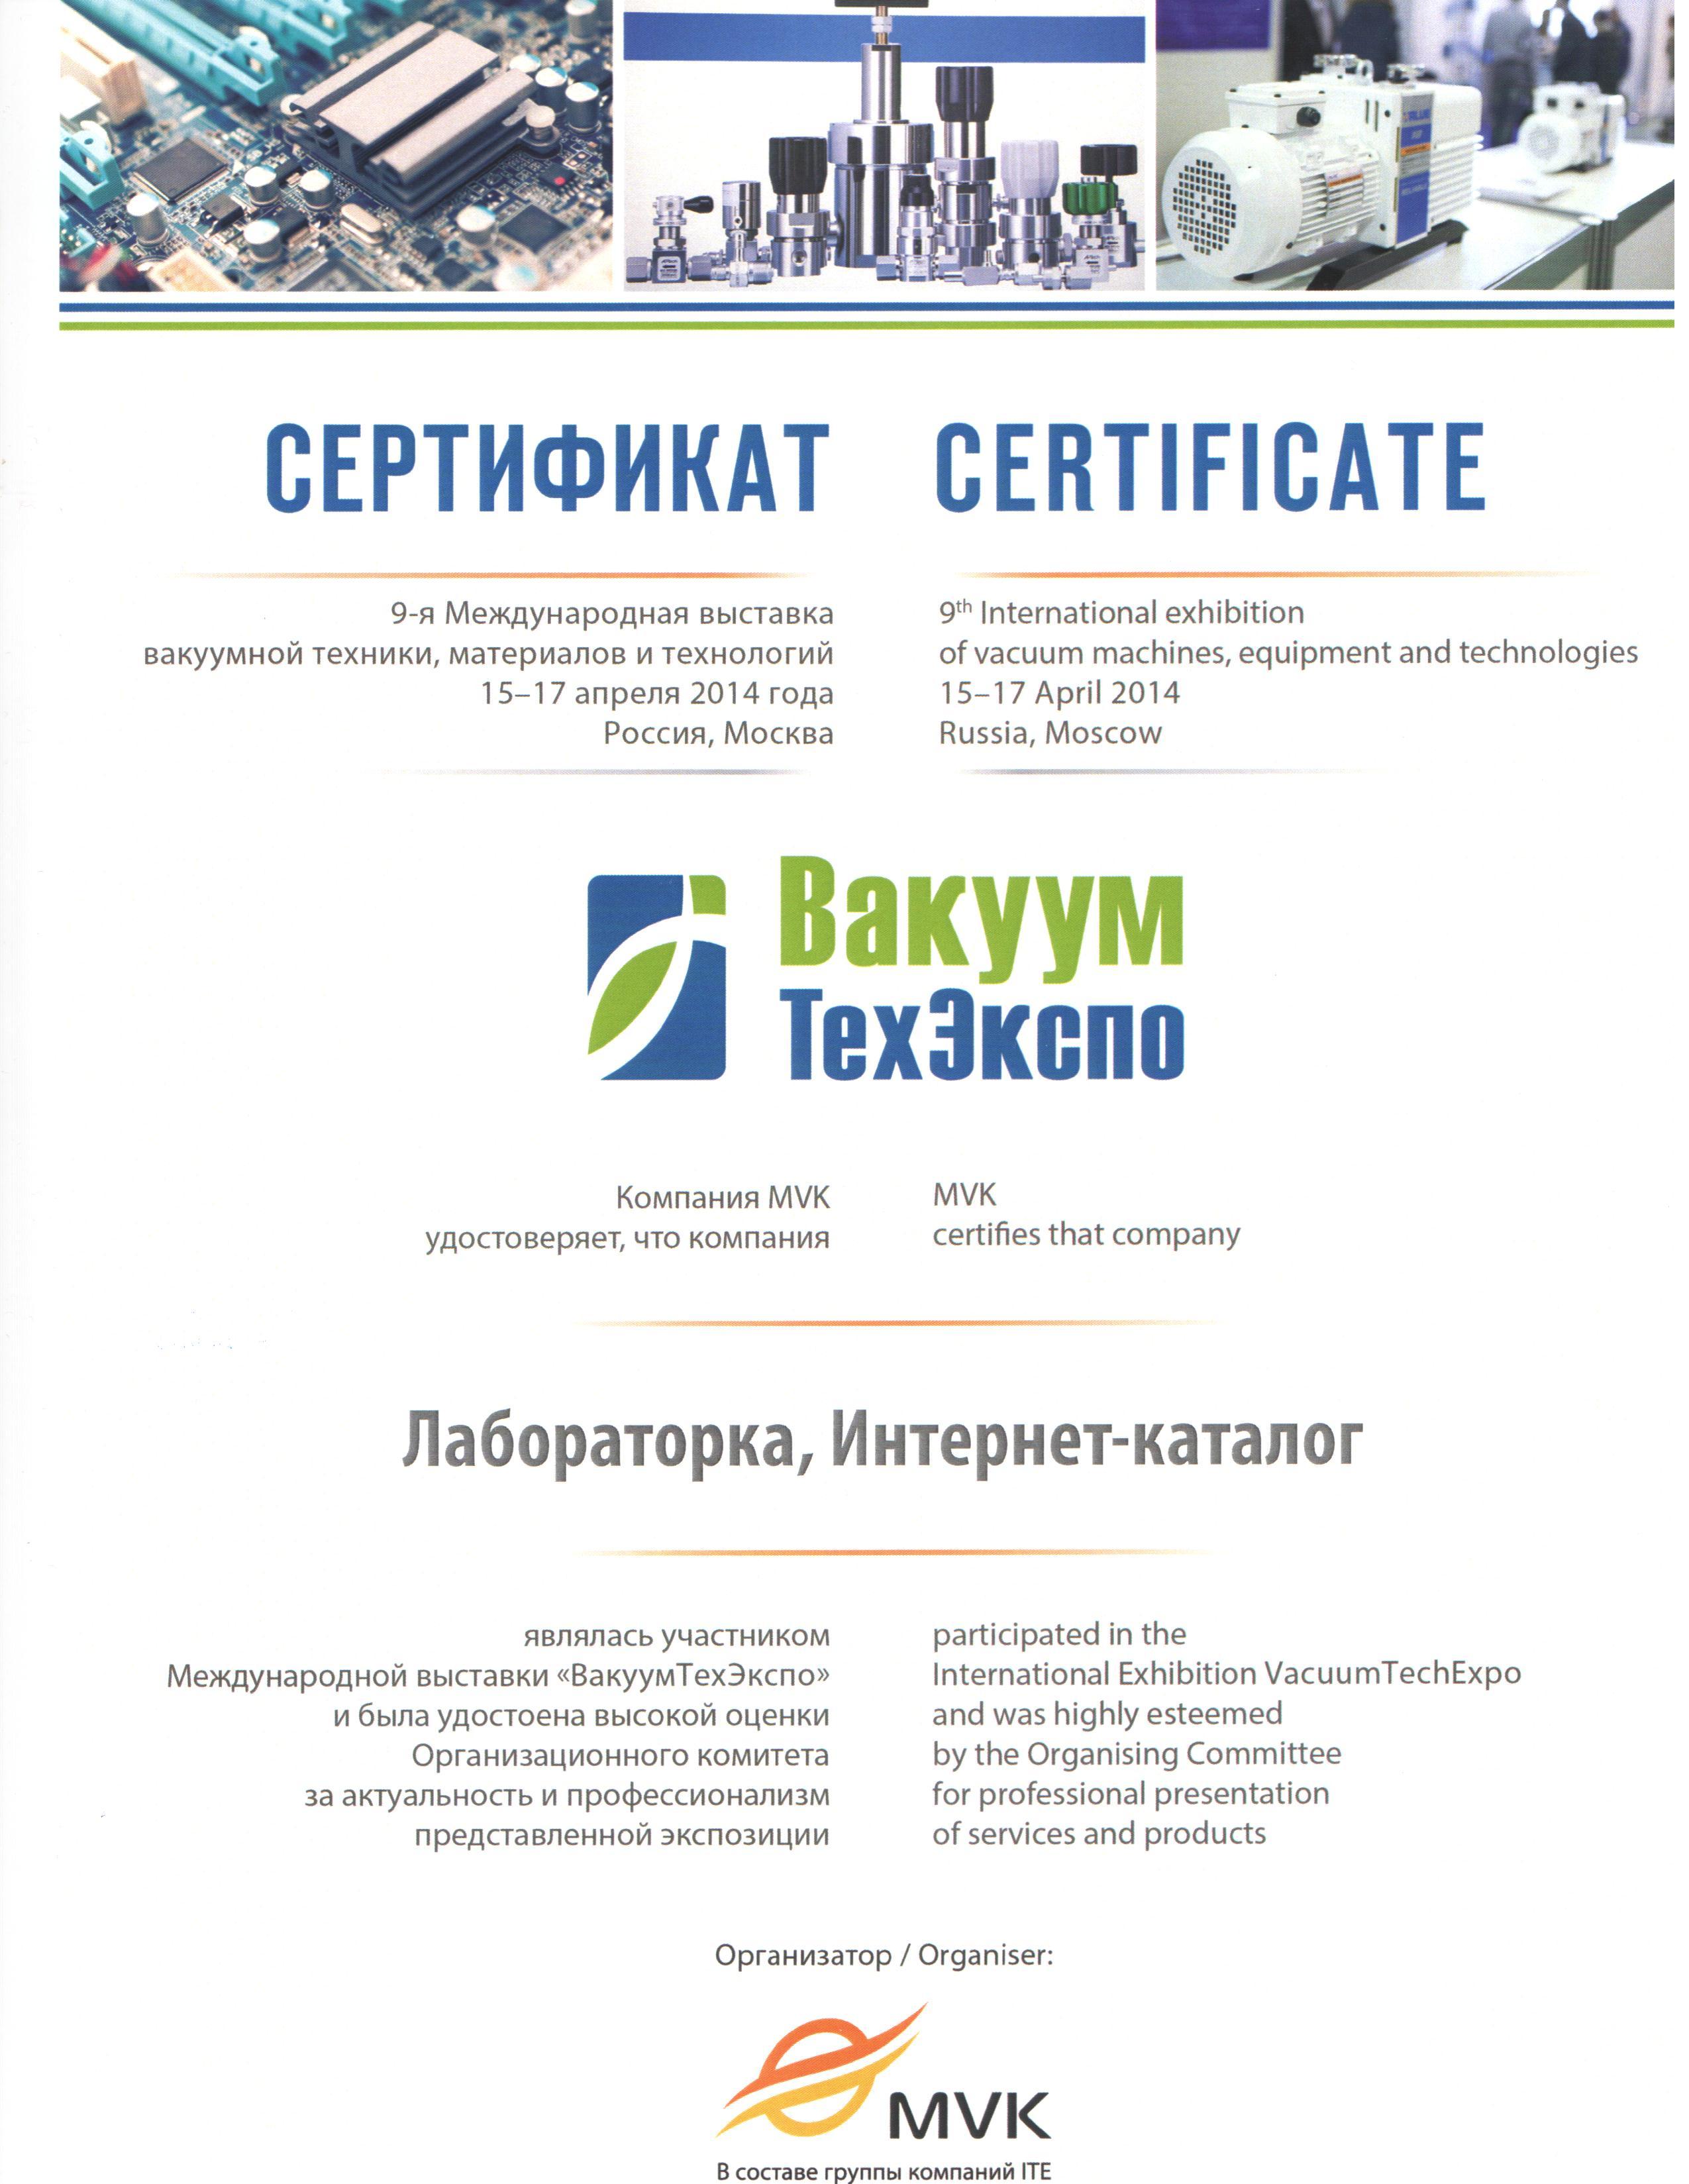 Сертификат выставки ВакуумТехЭкспо